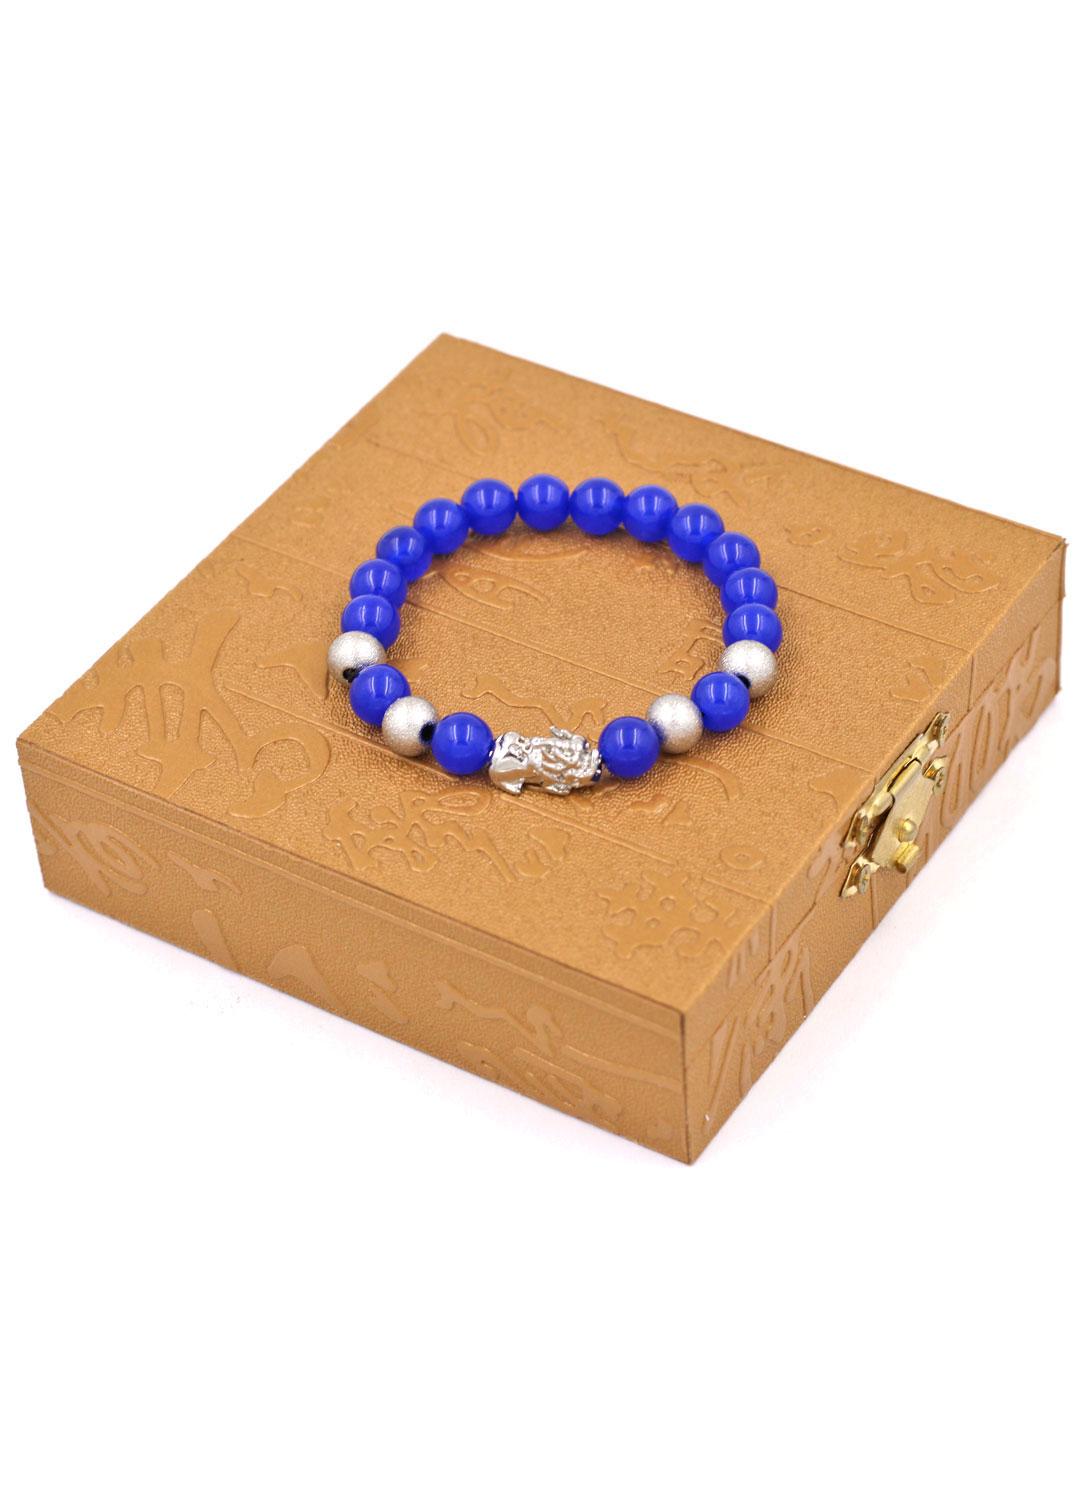 Chuỗi tay thạch anh xanh dương 8 ly - cẩn Tỳ Hưu inox bạc VTAXDTHTB8 + hộp gỗ - hợp mệnh Mộc, mệnh Thủy